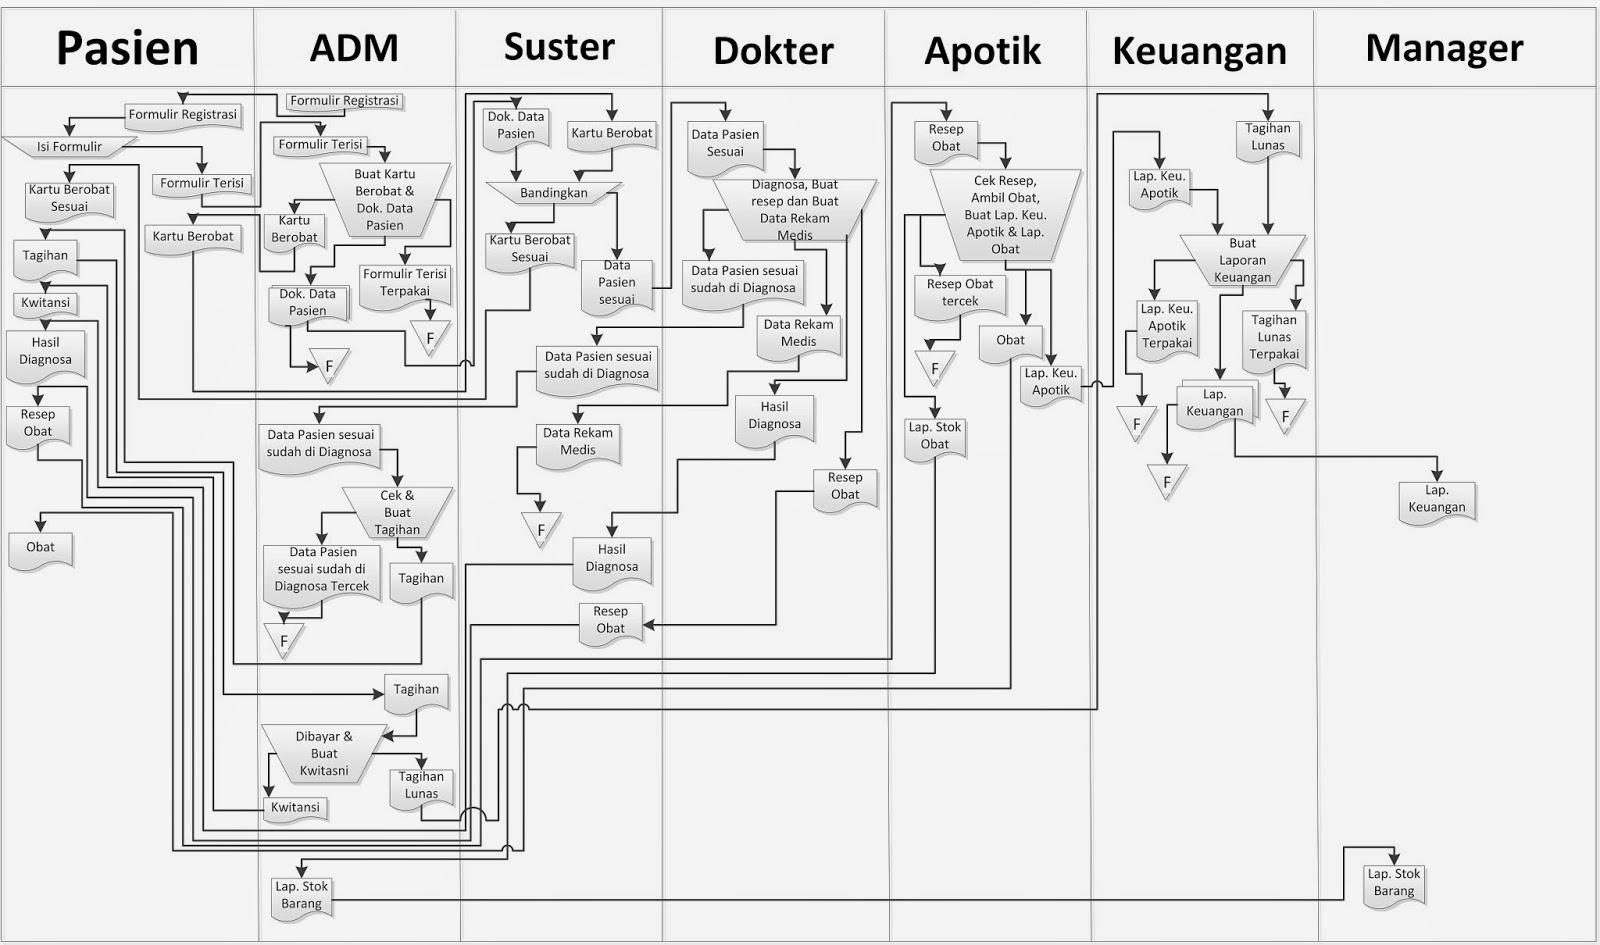 Contoh Diagram ASI Rumah Sakit